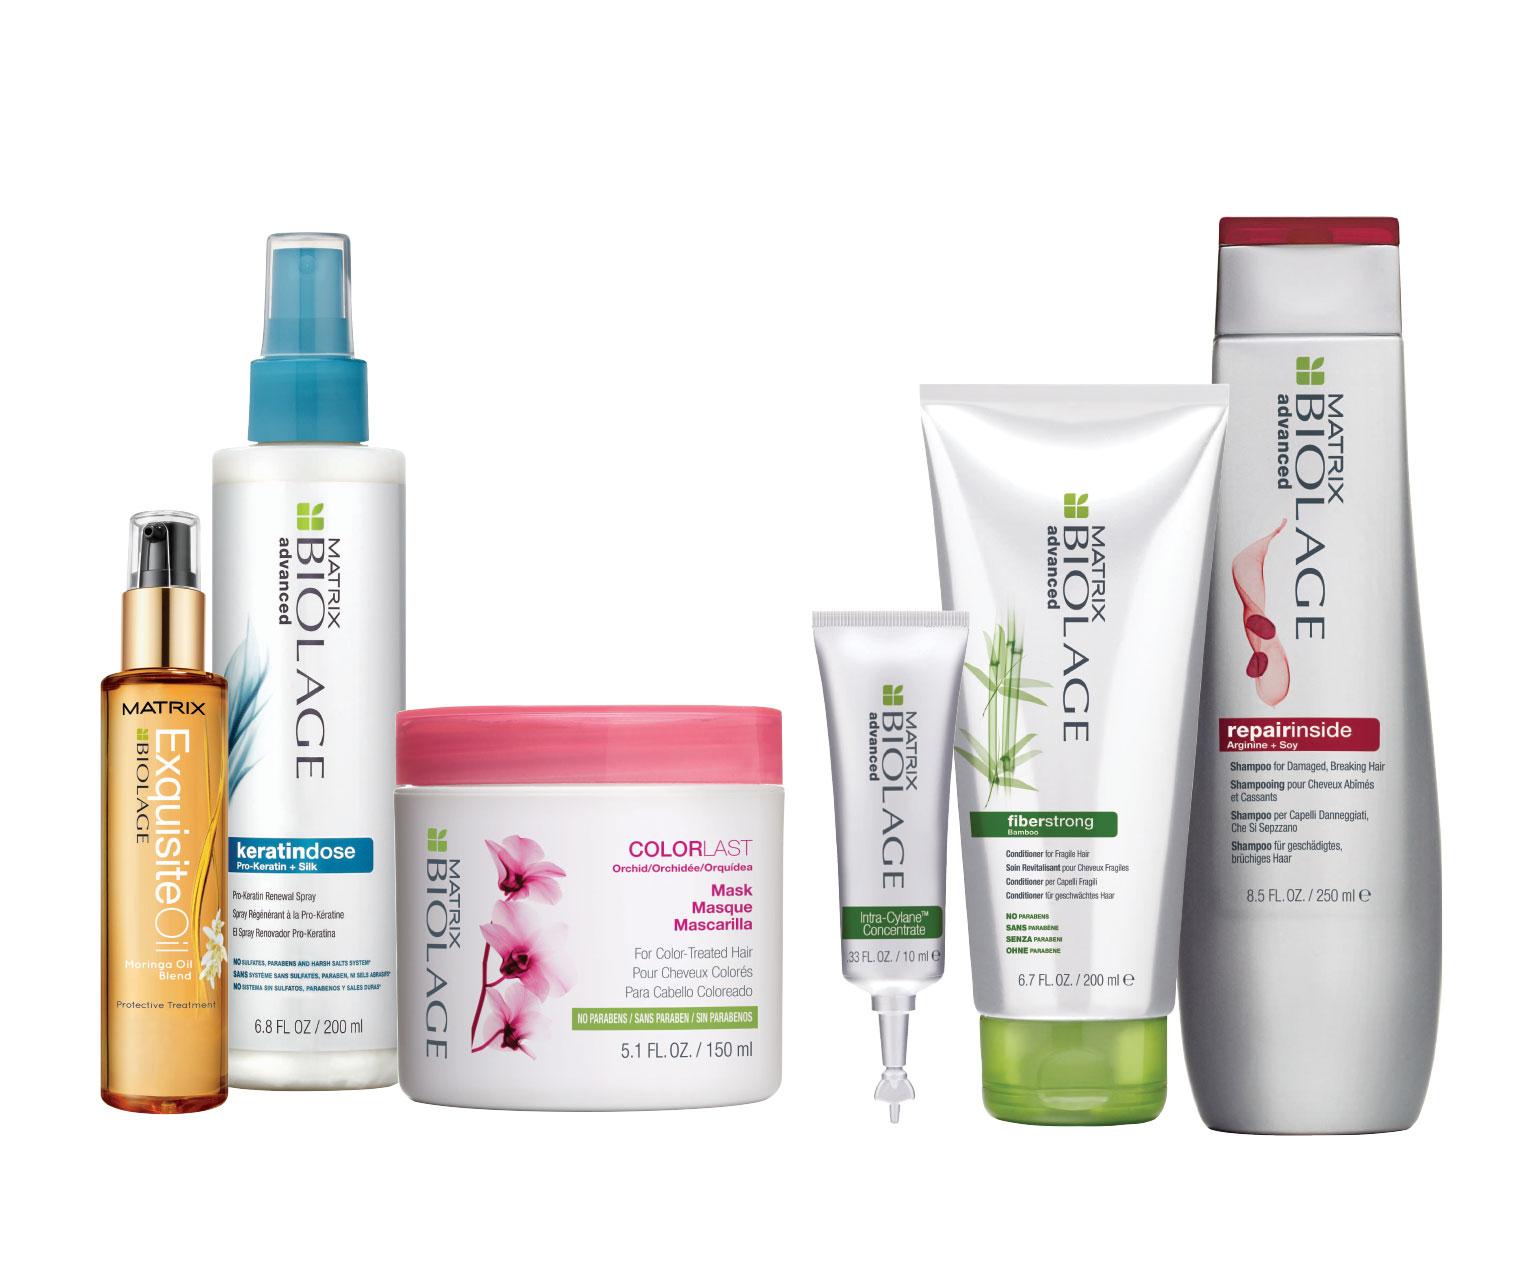 Thumbnail for Programme de recyclage des emballages BIOLAGE® en salon de coiffure